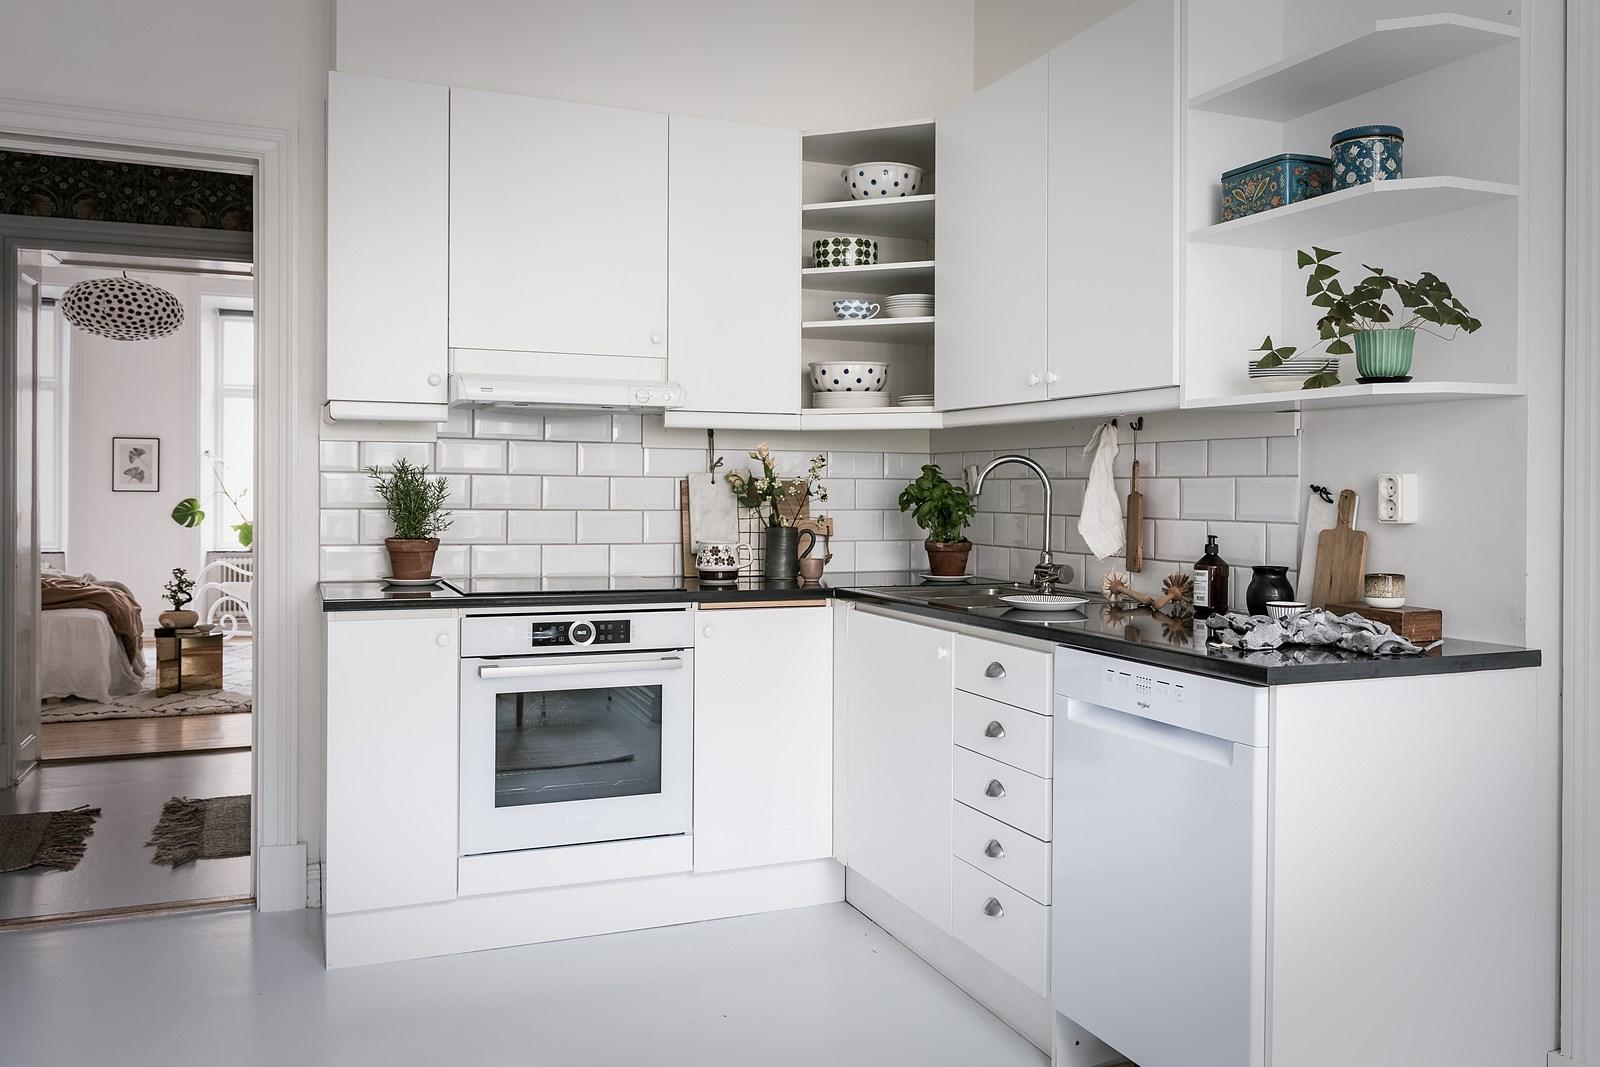 кухонная мебель белые фасады плитка кабанчик черная столешница